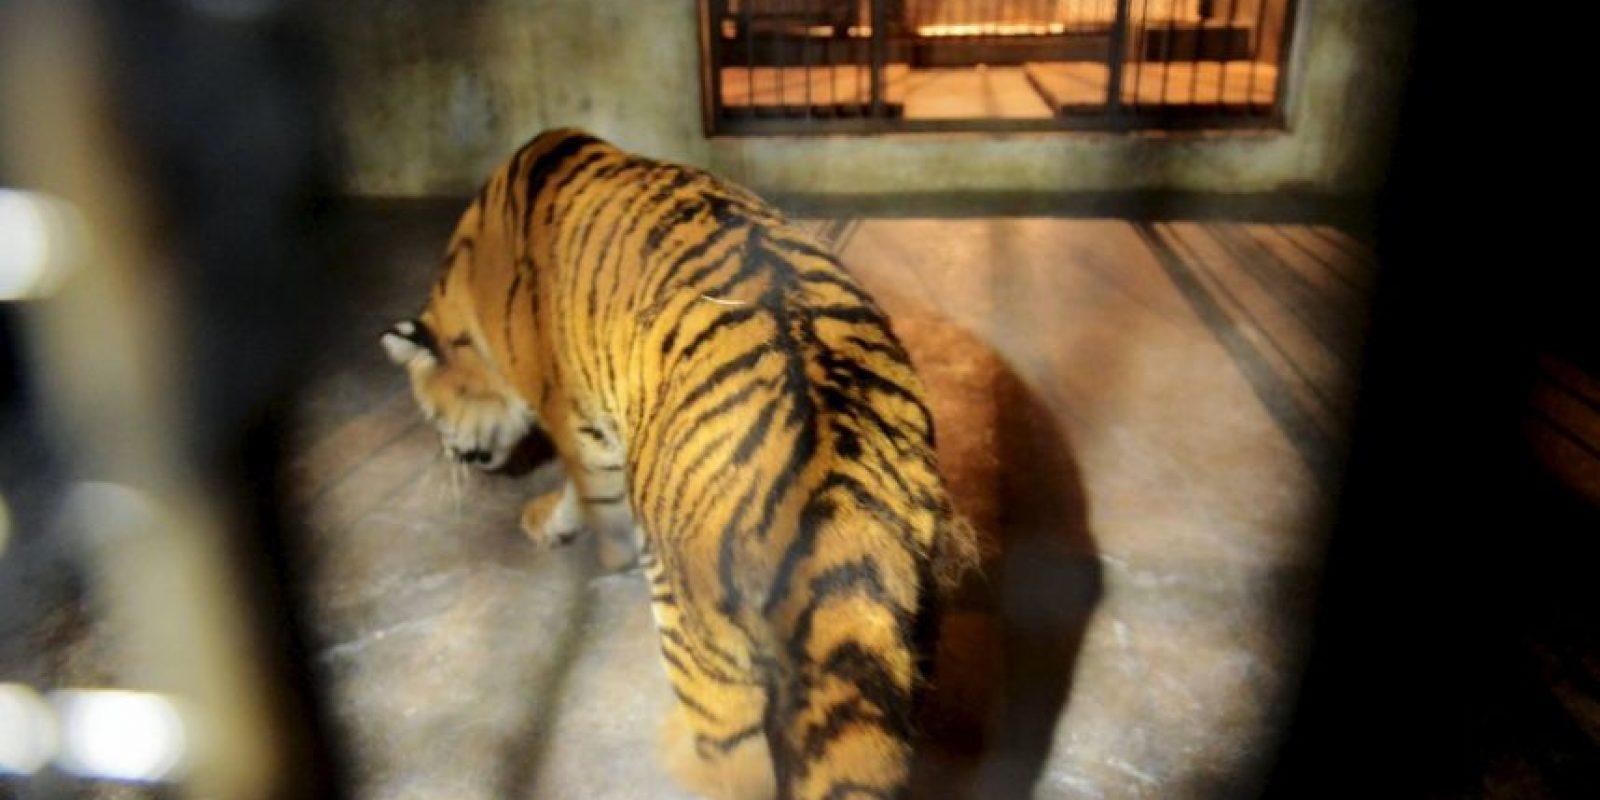 El zoológico Henry Doorly de Omaha cree que el tigre relacionado es un felino de 18 años. Foto:Getty Images